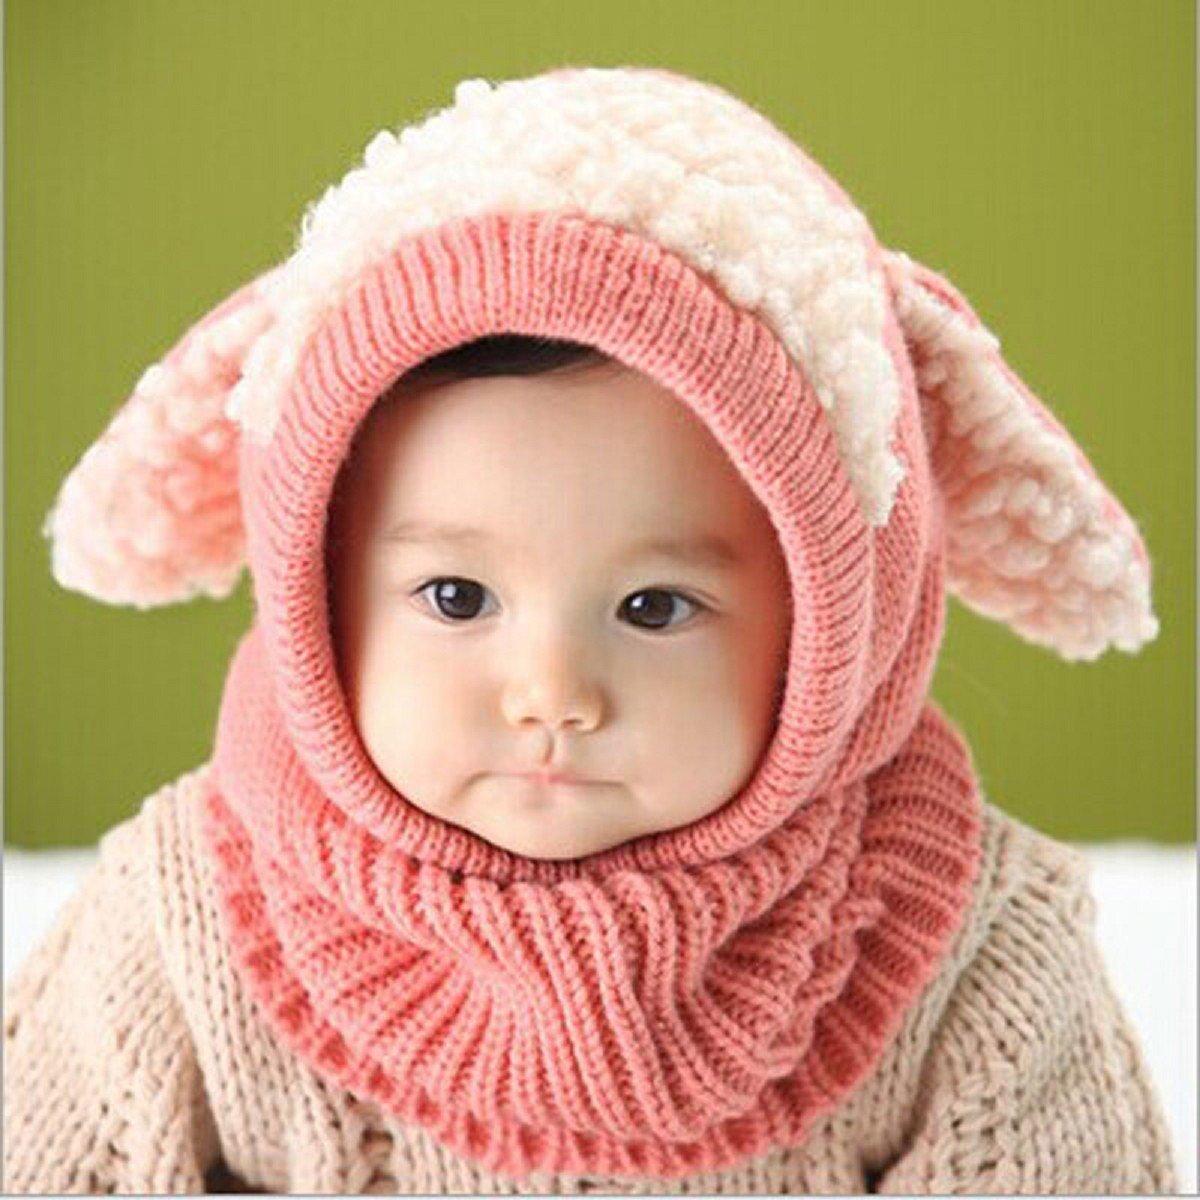 Tongshi Invierno del bebé Niños Chicas Chicos Caliente lana Cofia Capucha Bufanda Caps Sombreros(Rosa): Amazon.es: Bebé